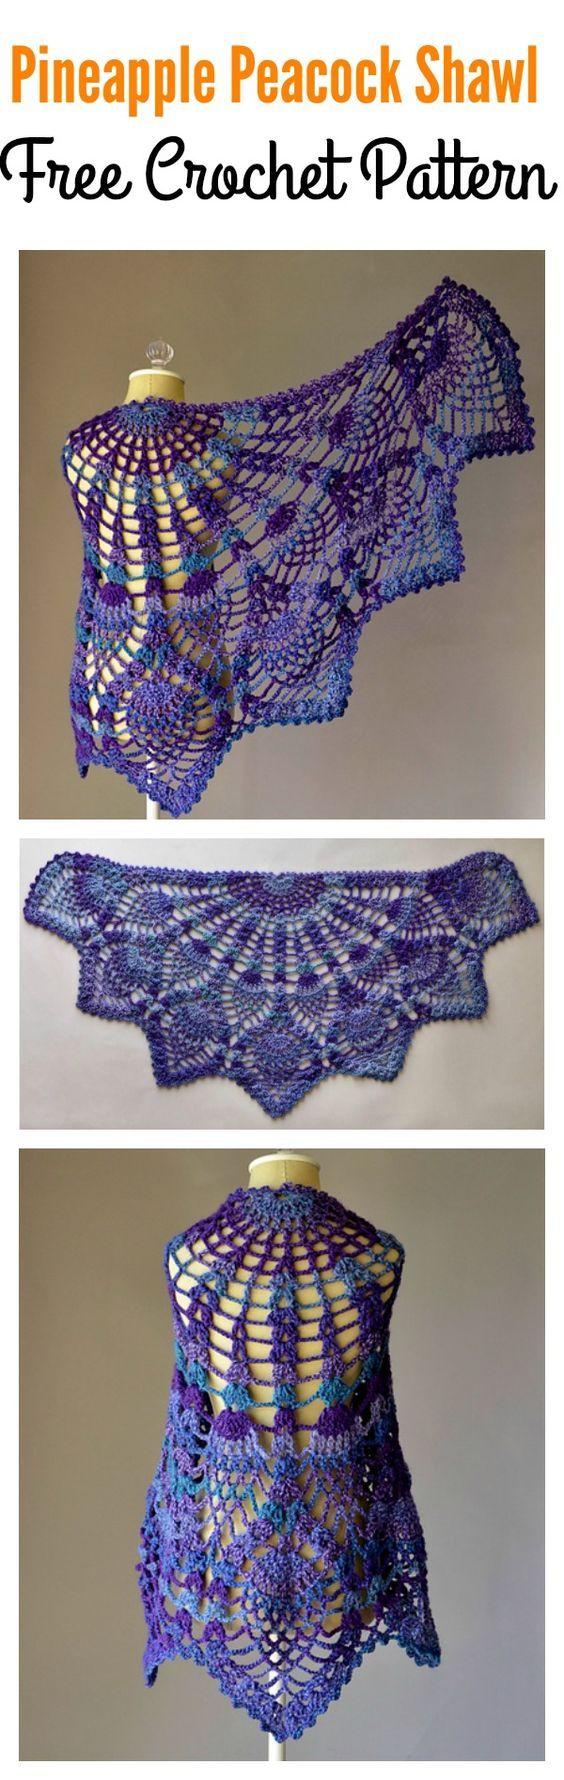 Pineapple Peacock Shawl Free Crochet Pattern | Chal, Tejido y Ponchos